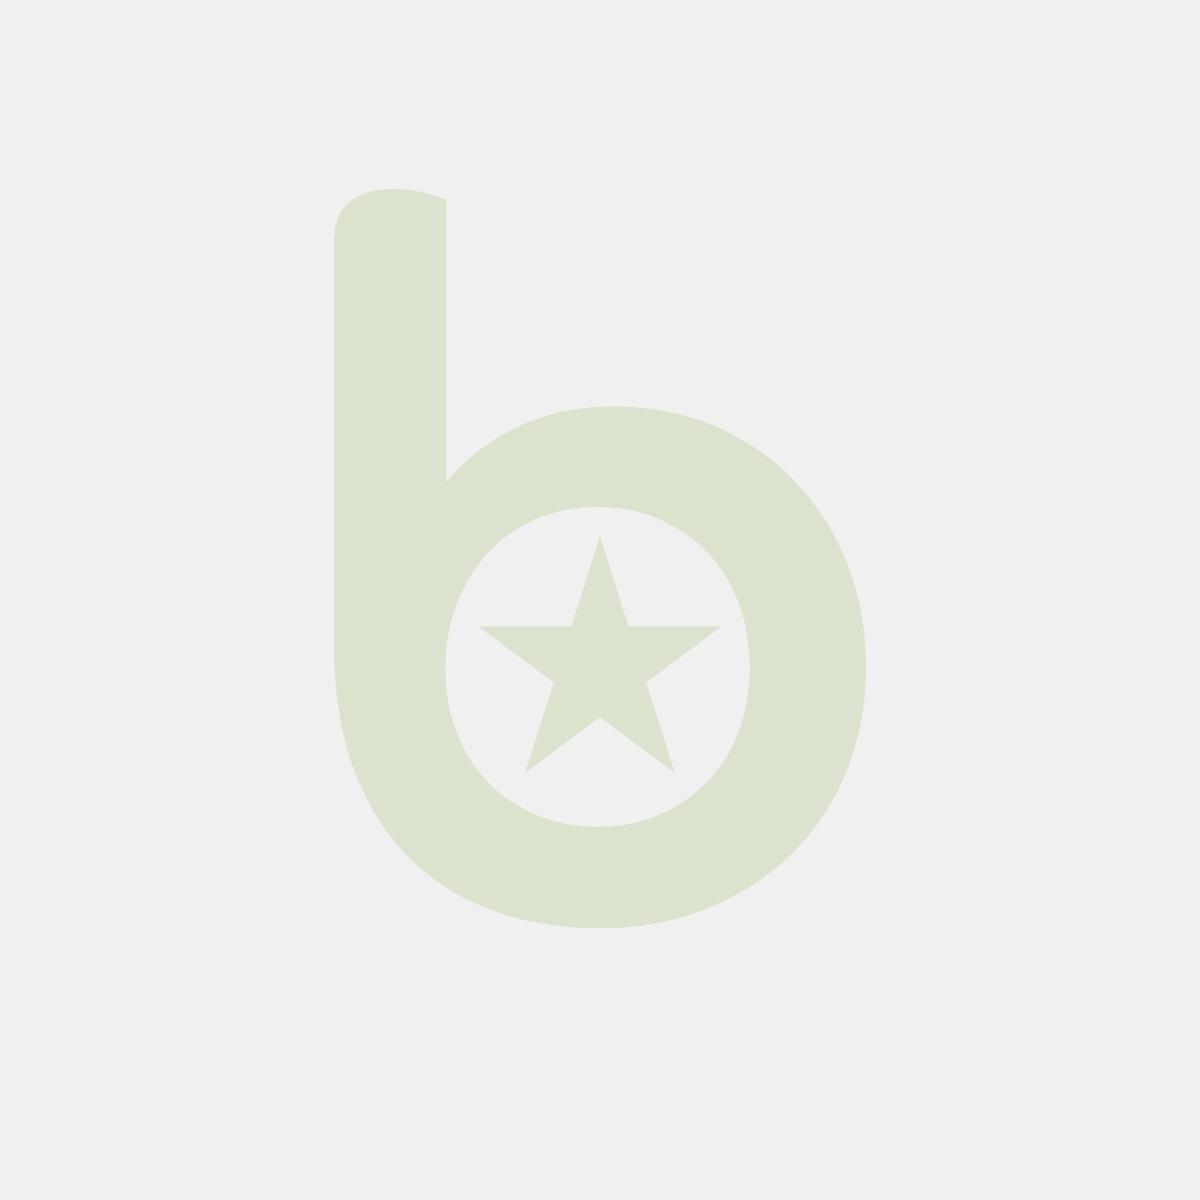 Papier ozdobny Świąteczny 70/200 1 arkusz zestaw nr 5 Stroiki karton ekspozycyjny 50 rolek